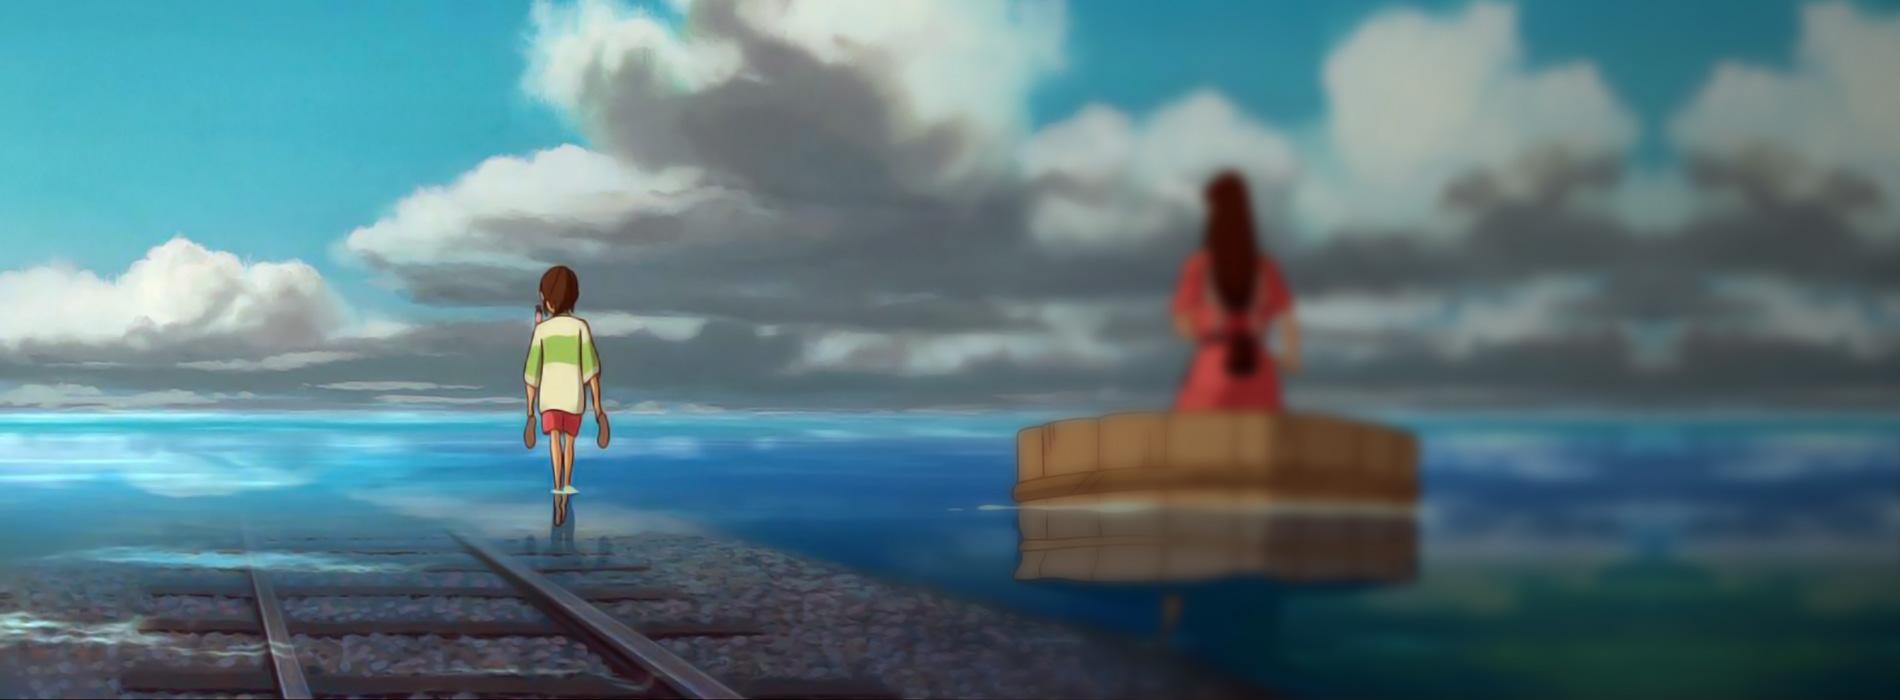 Imagen de la película El viaje de Chihiro